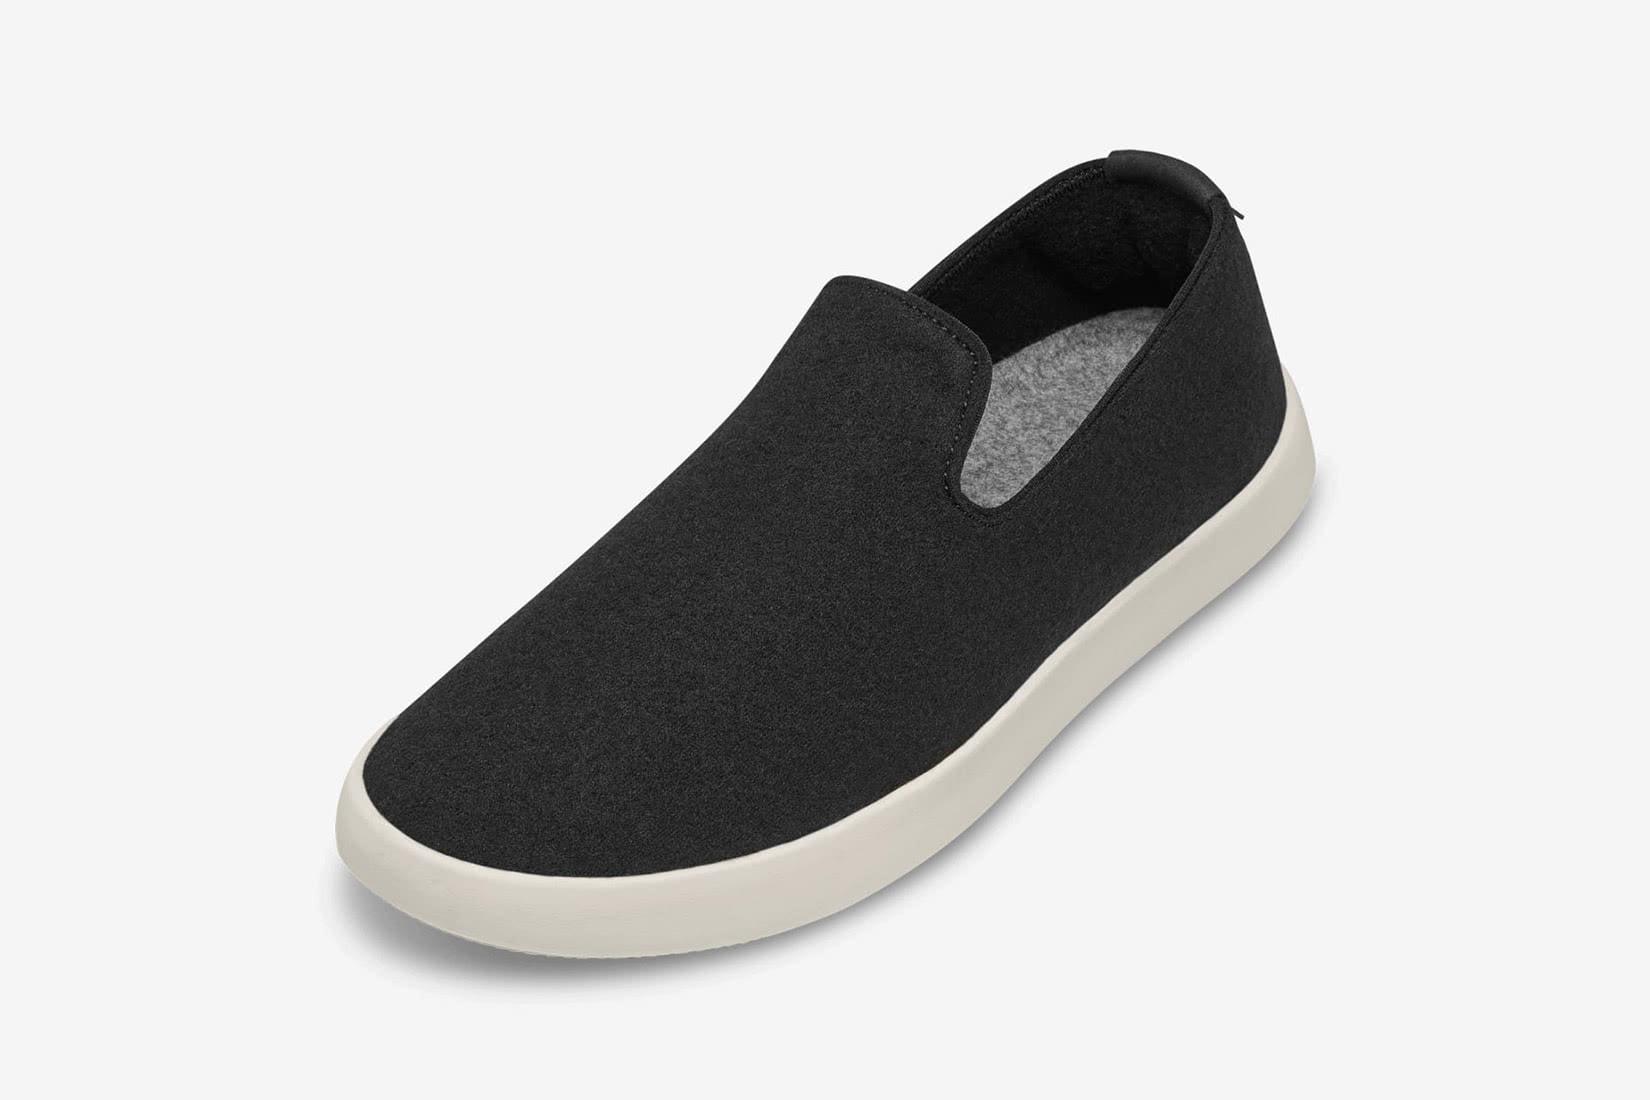 Allbirds sneakers review slippers wool loungers - Luxe Digital